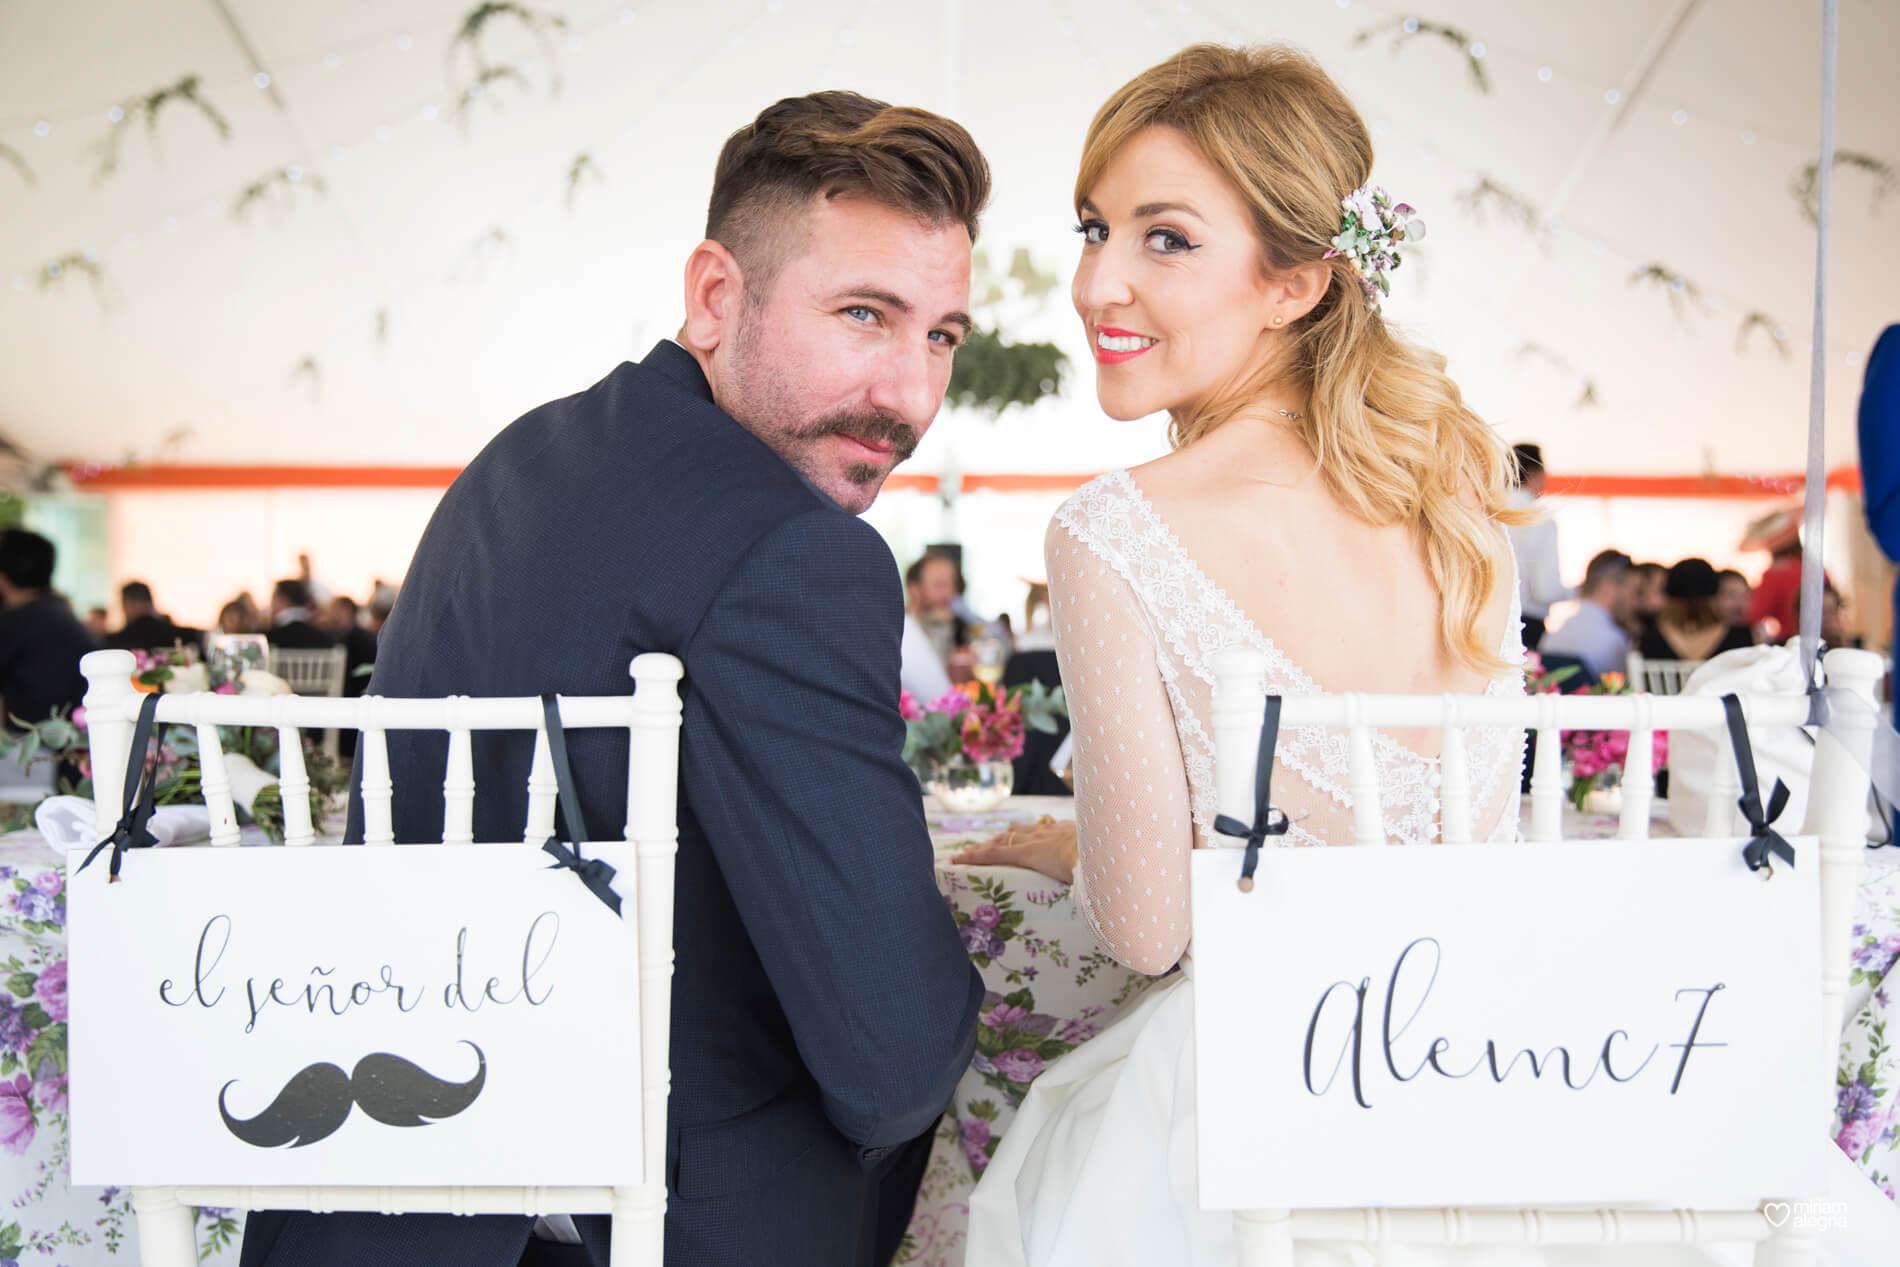 boda-en-finca-villa-vera-de-alemc7-miriam-alegria-fotografos-boda-murcia-153